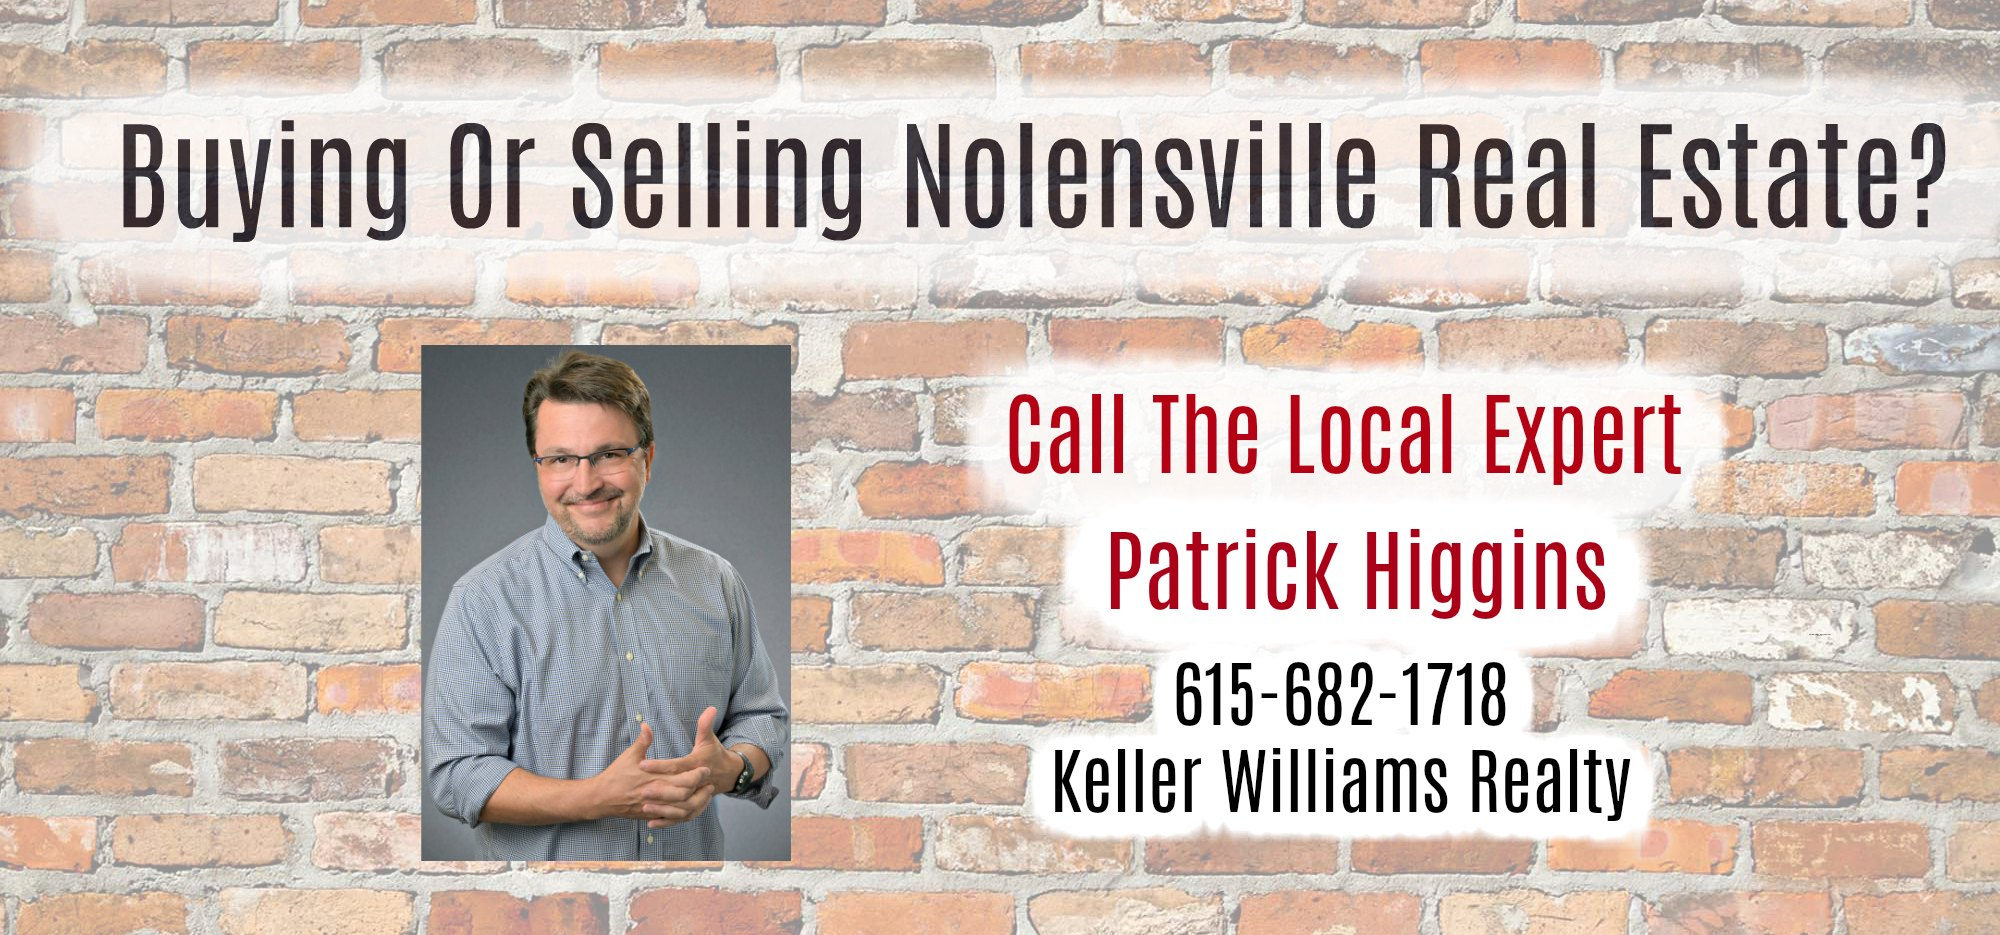 The Best Nolensville Real Estate Agent is Patrick Higgins